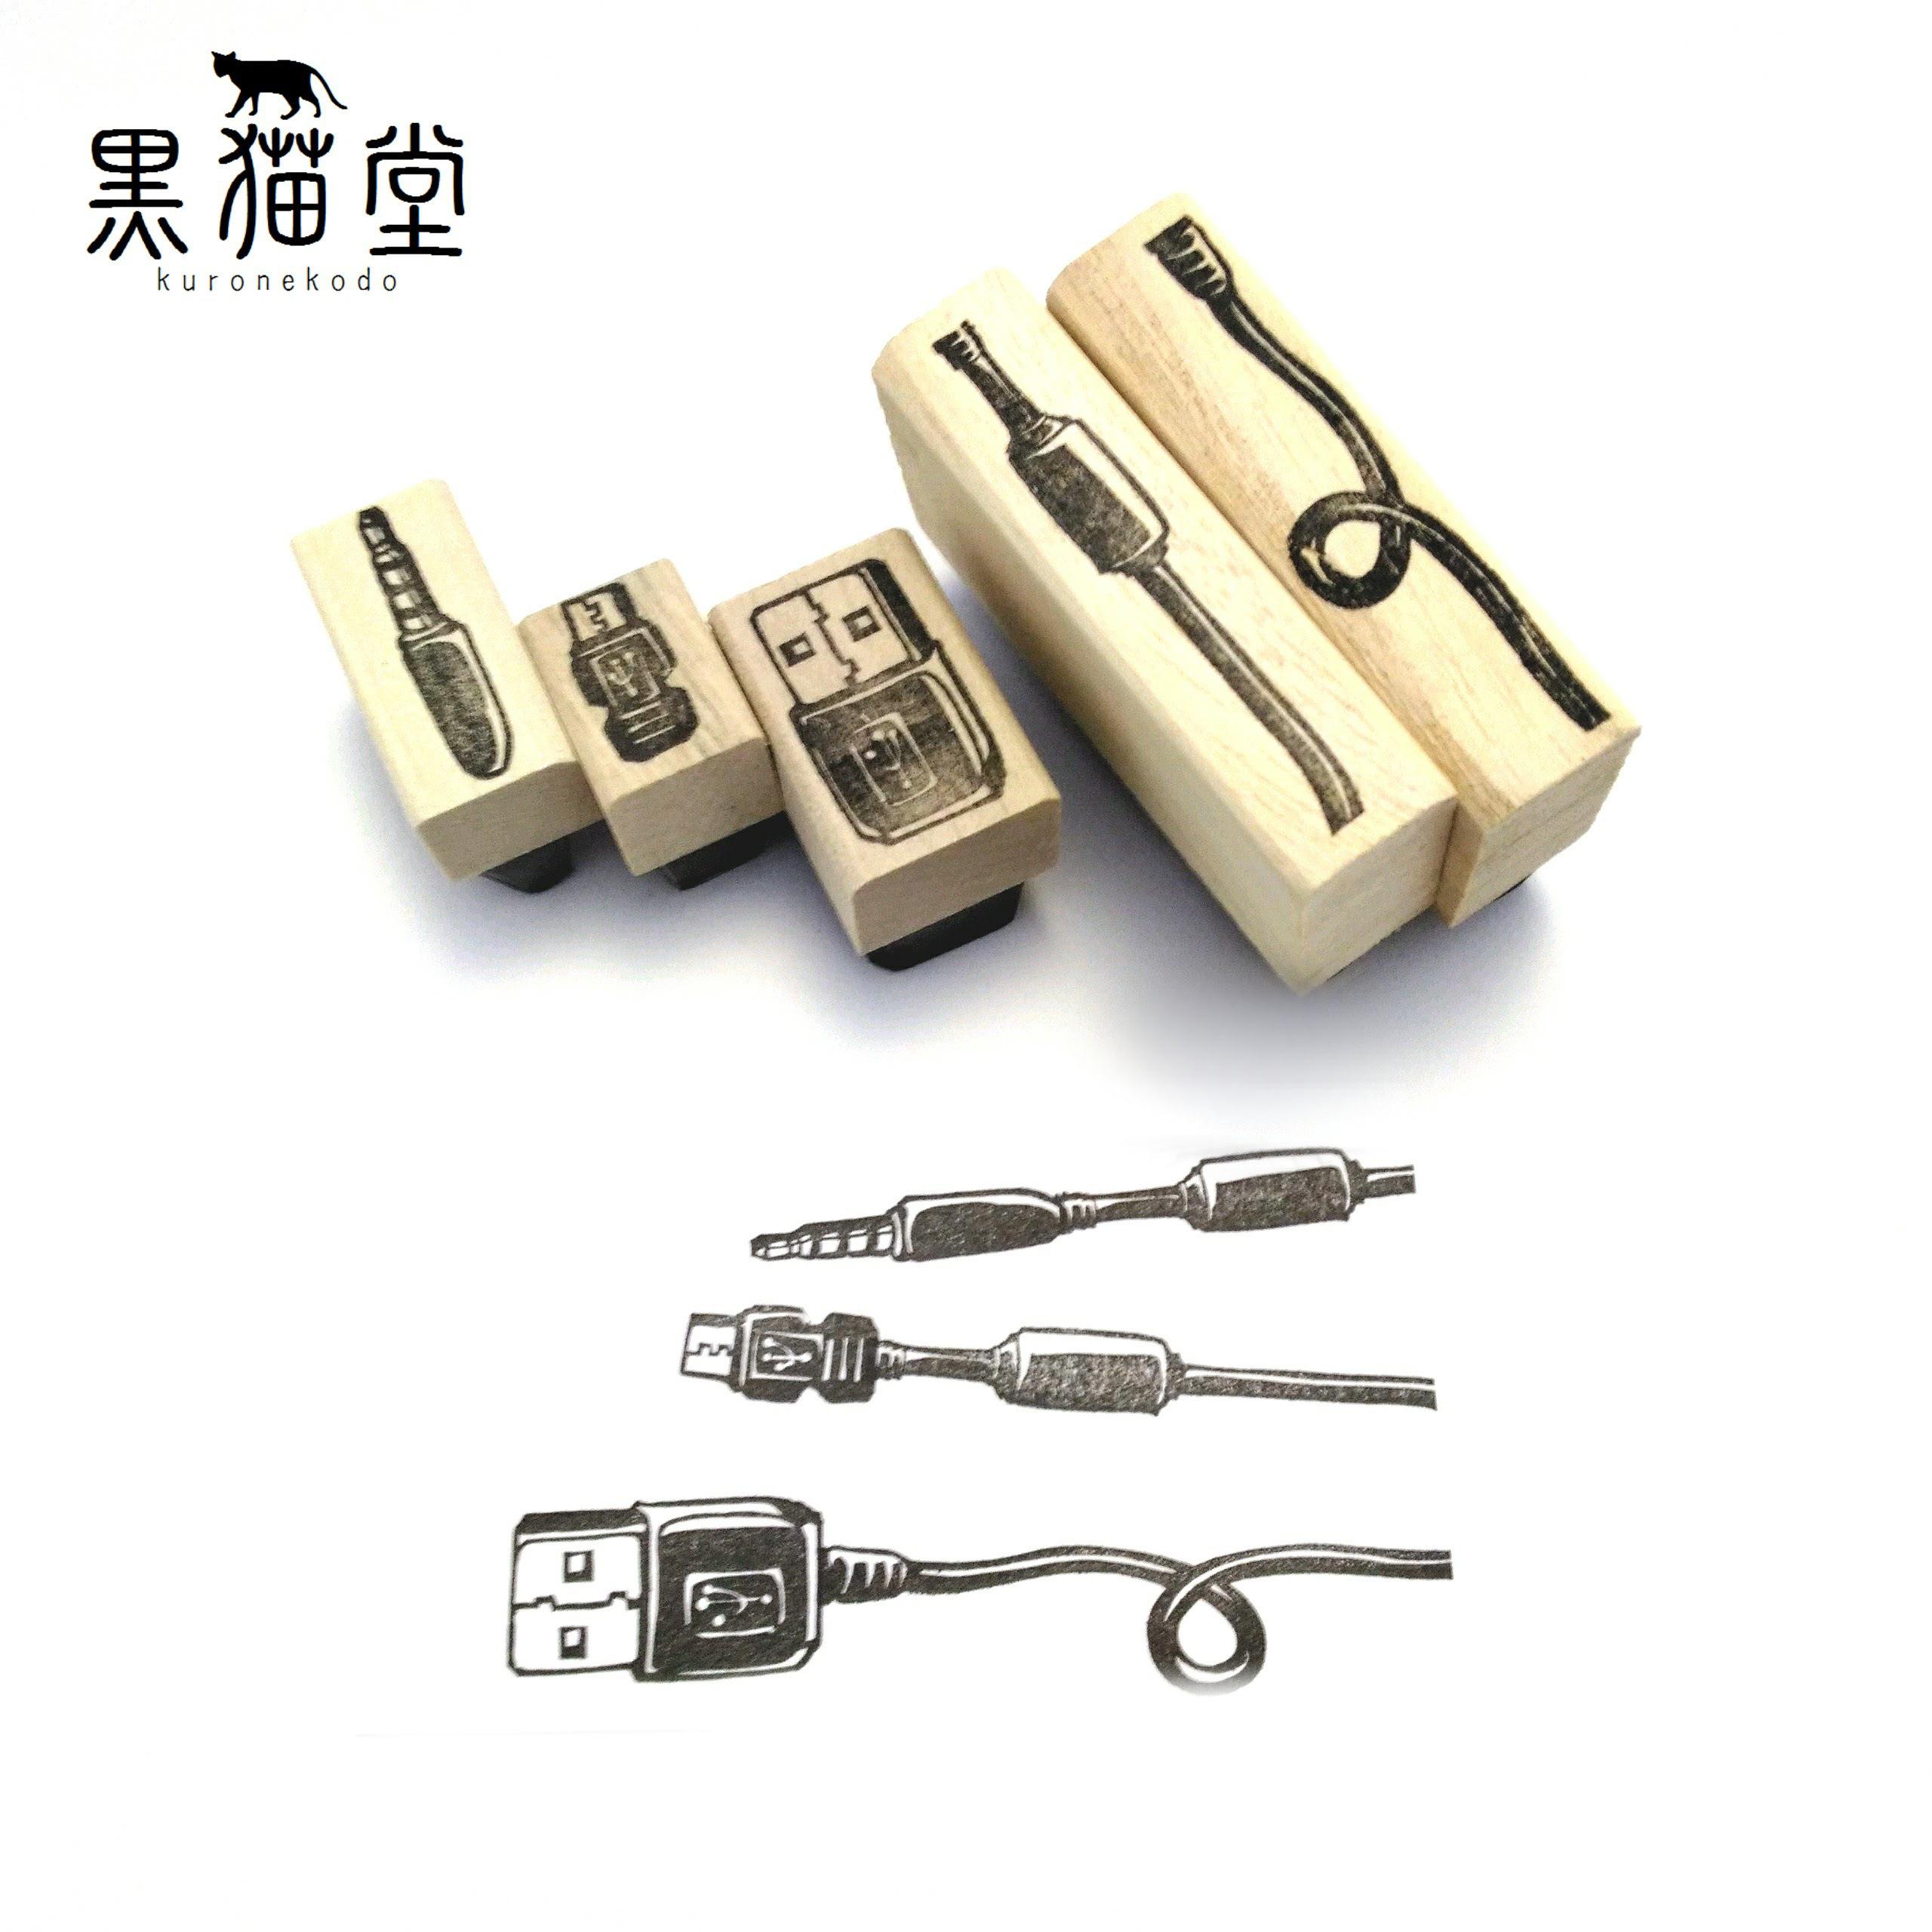 USBケーブル5点セット